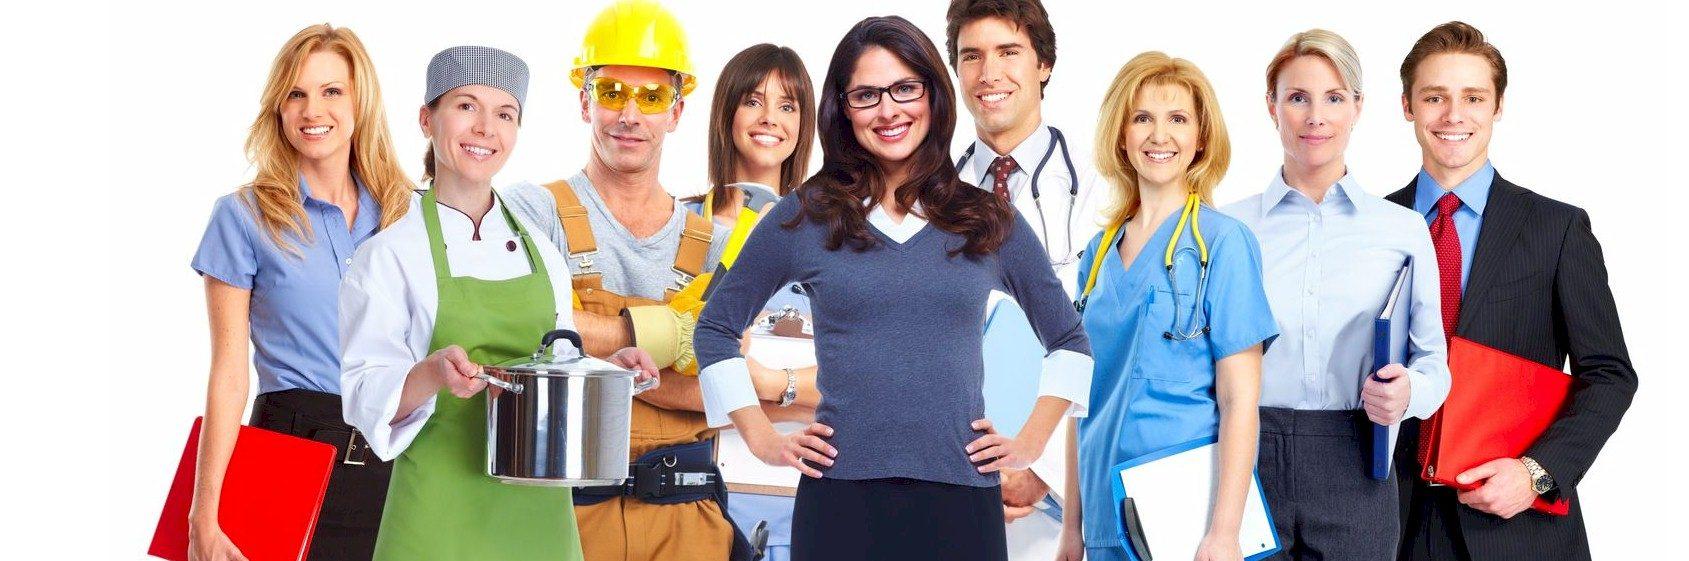 Zoek je een leuke baan? Bekijk de vacatures bij AVT Benelux - Een spraakmakend bedrijf